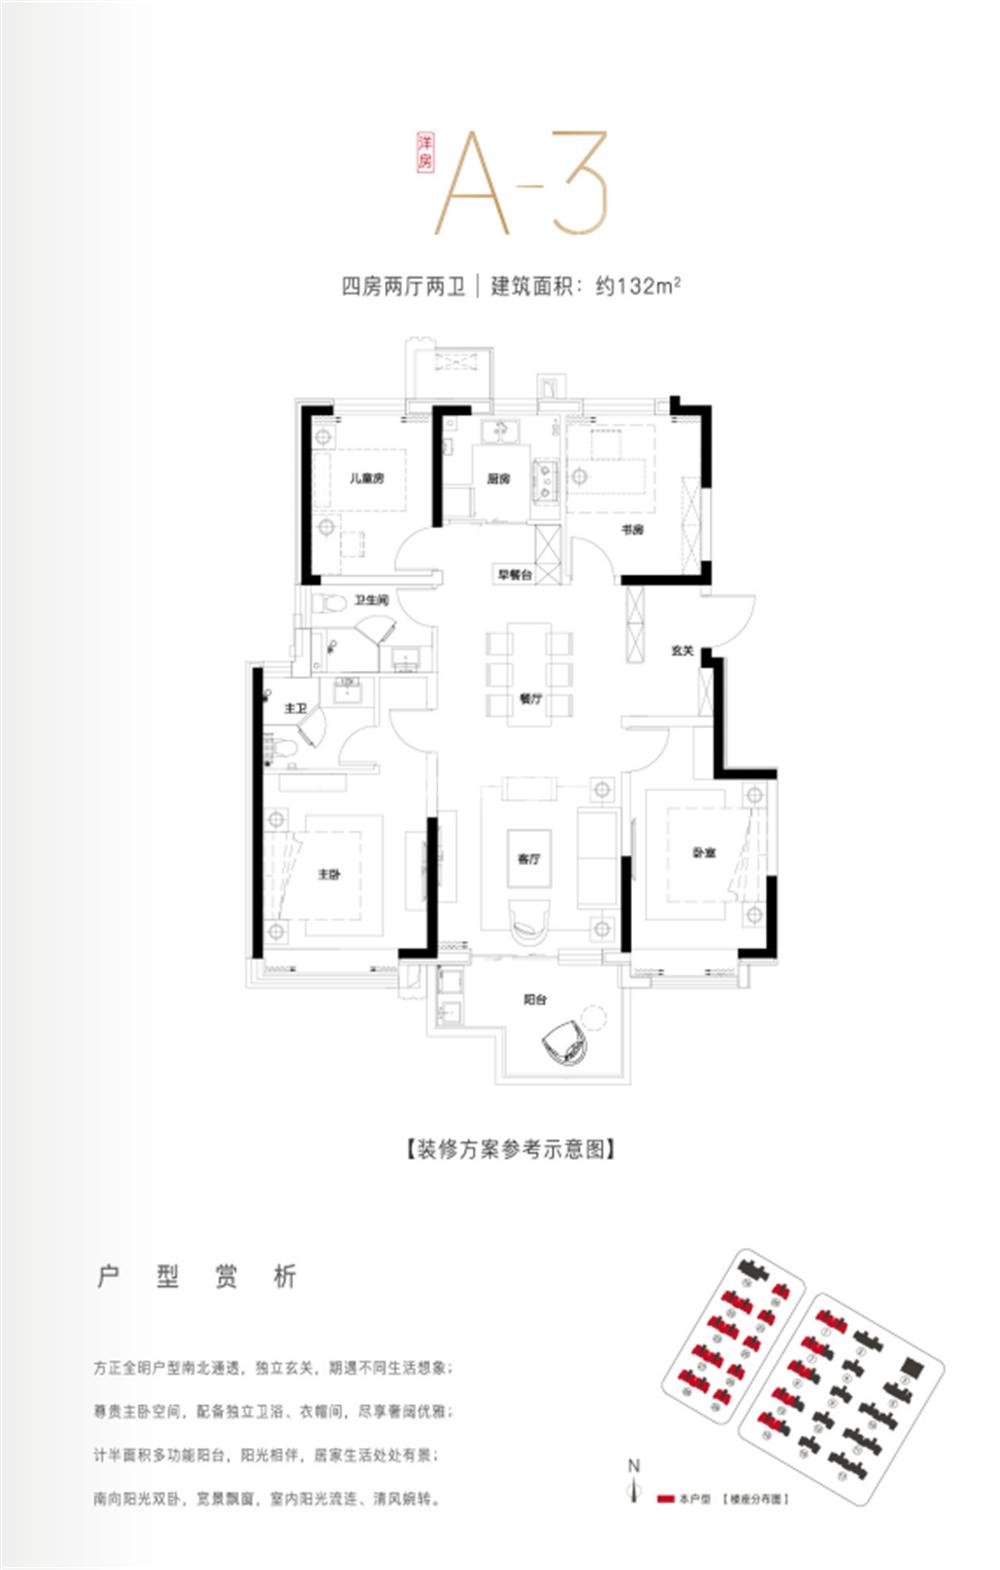 户型图四室两厅两卫